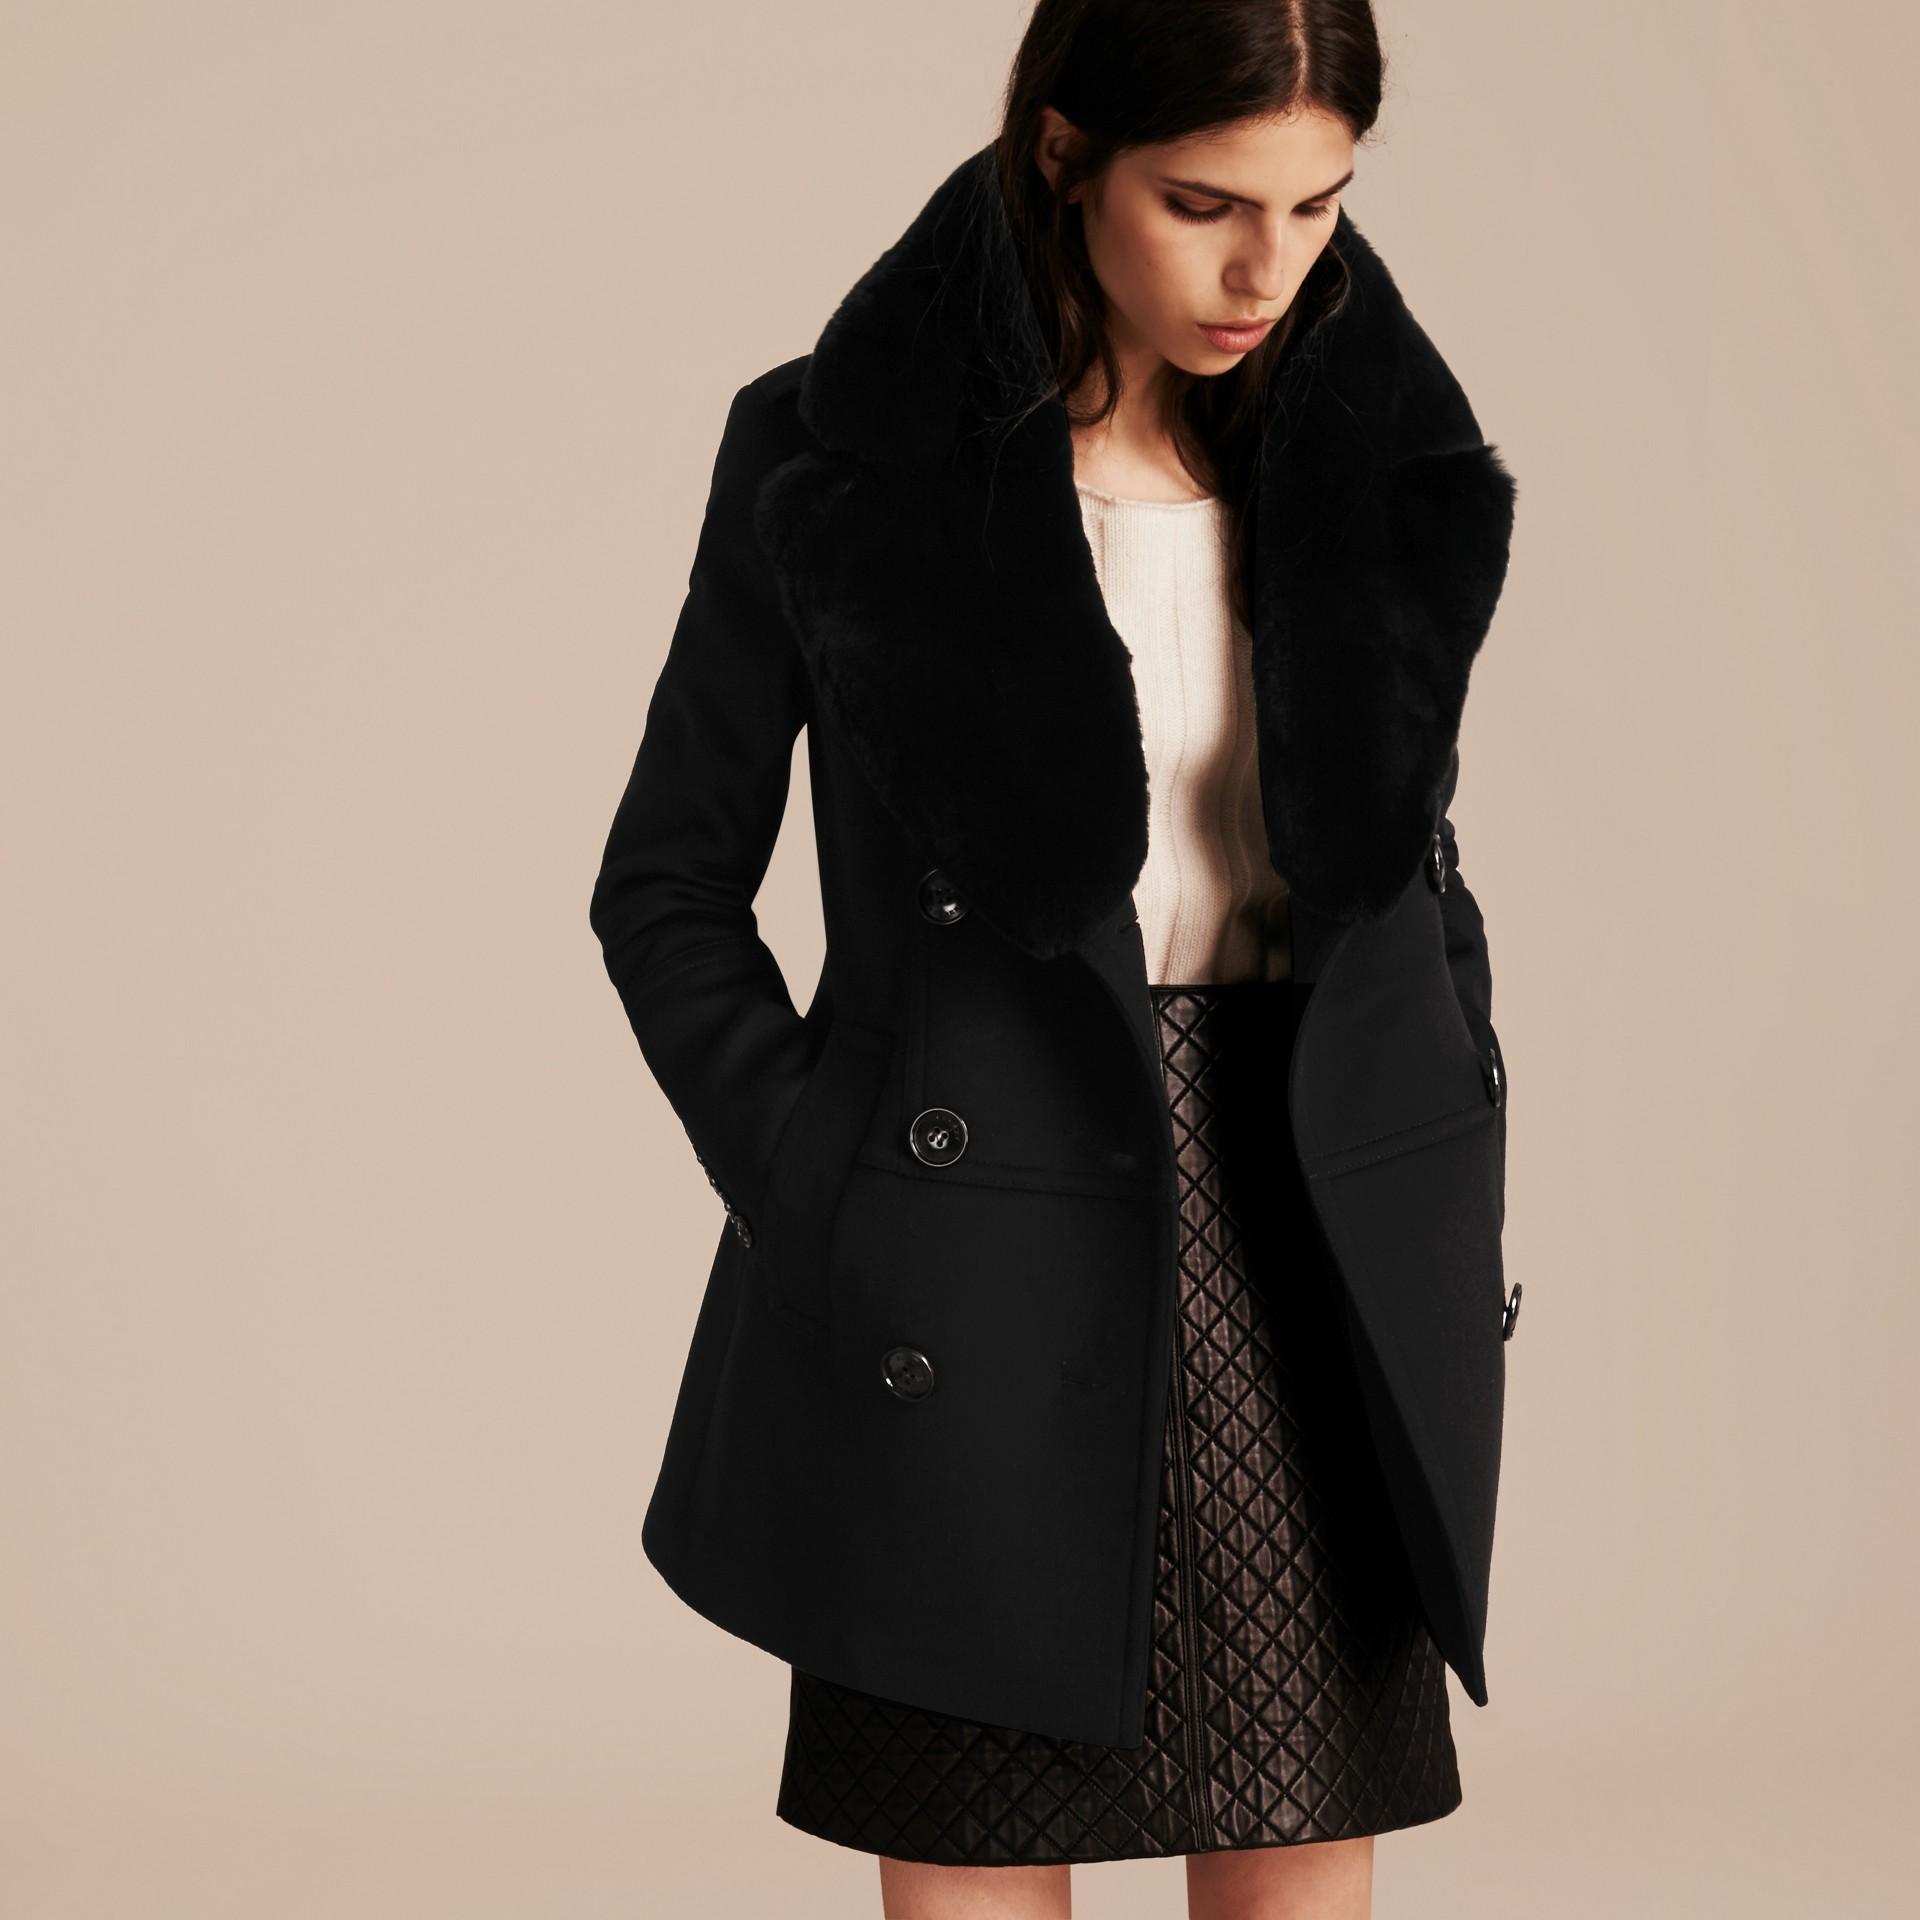 Nero Pea coat in lana e cashmere con collo amovibile in pelliccia - immagine della galleria 7